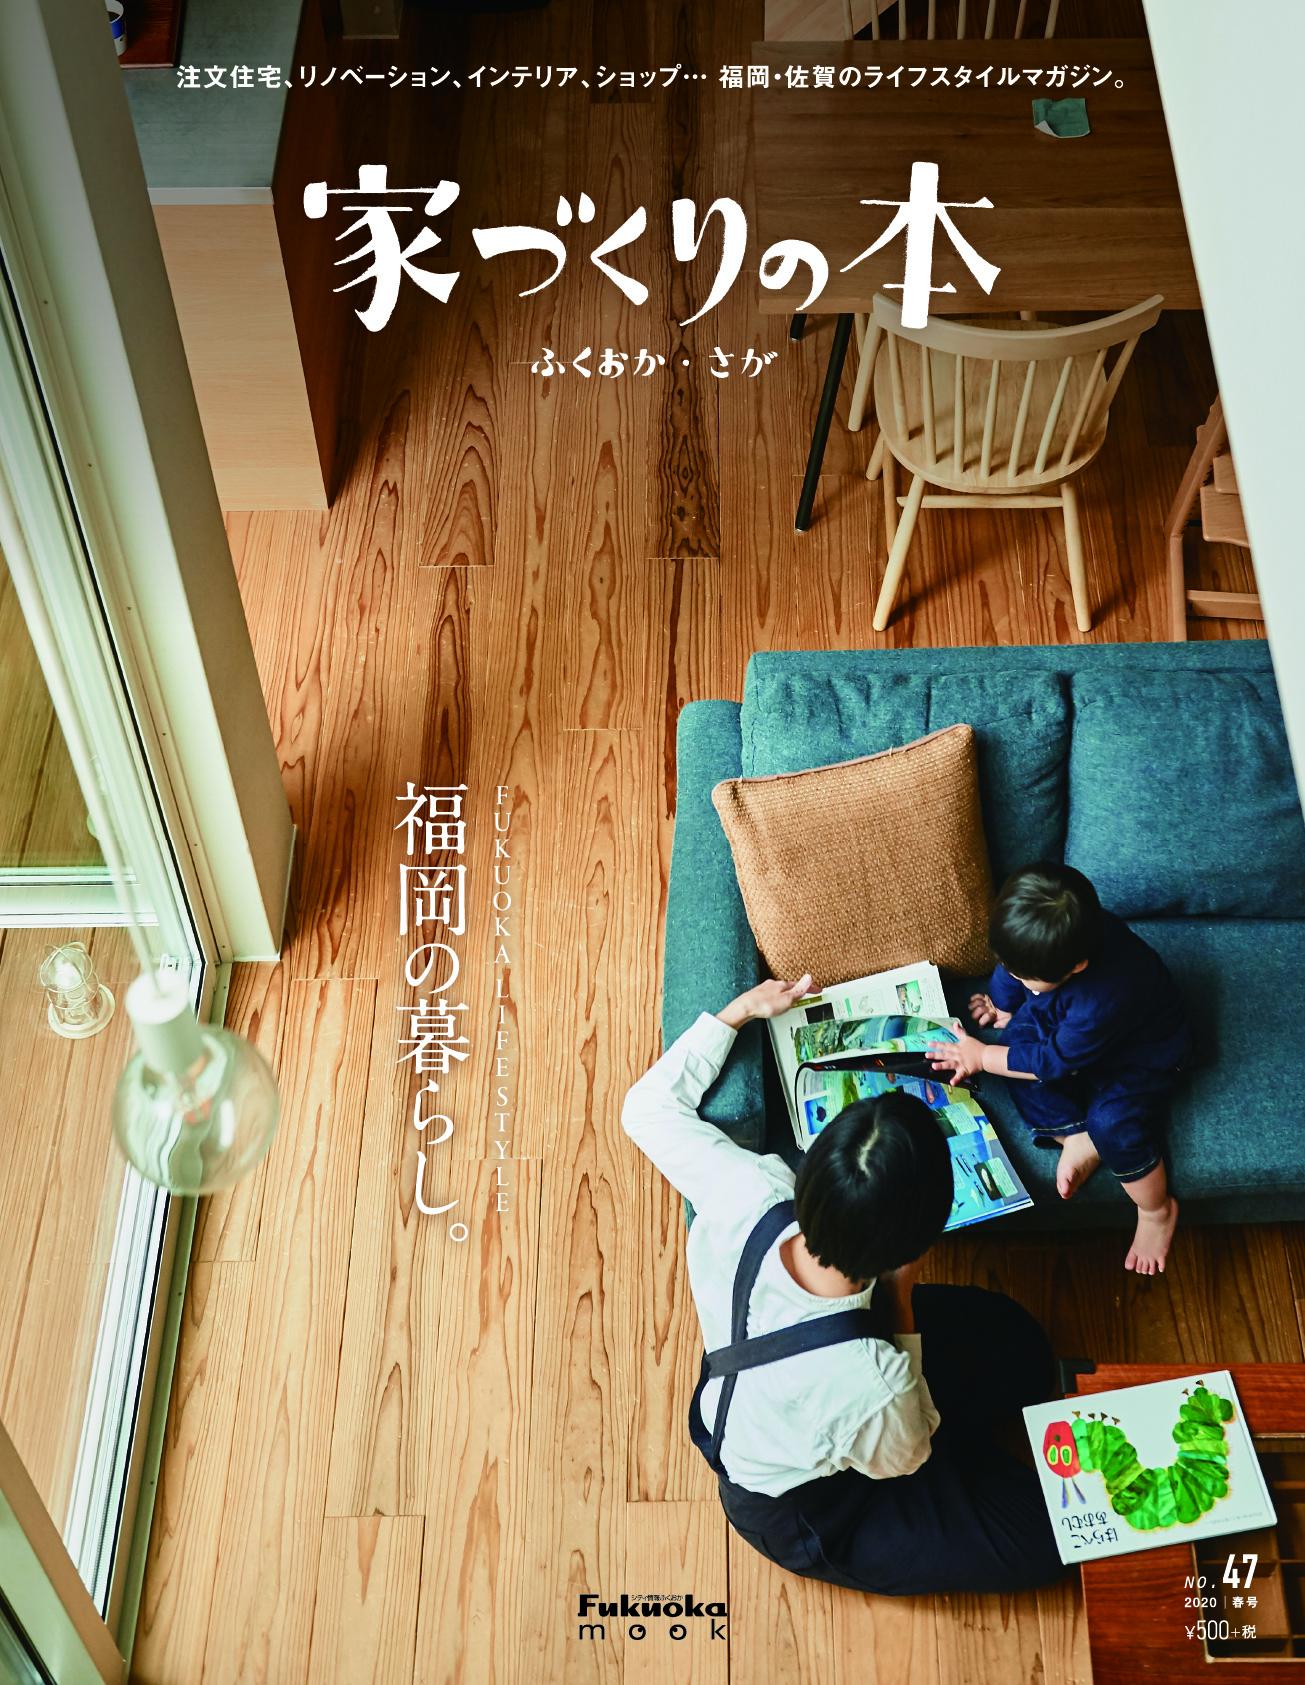 家づくりの本ふくおか・さが no.47 冬号